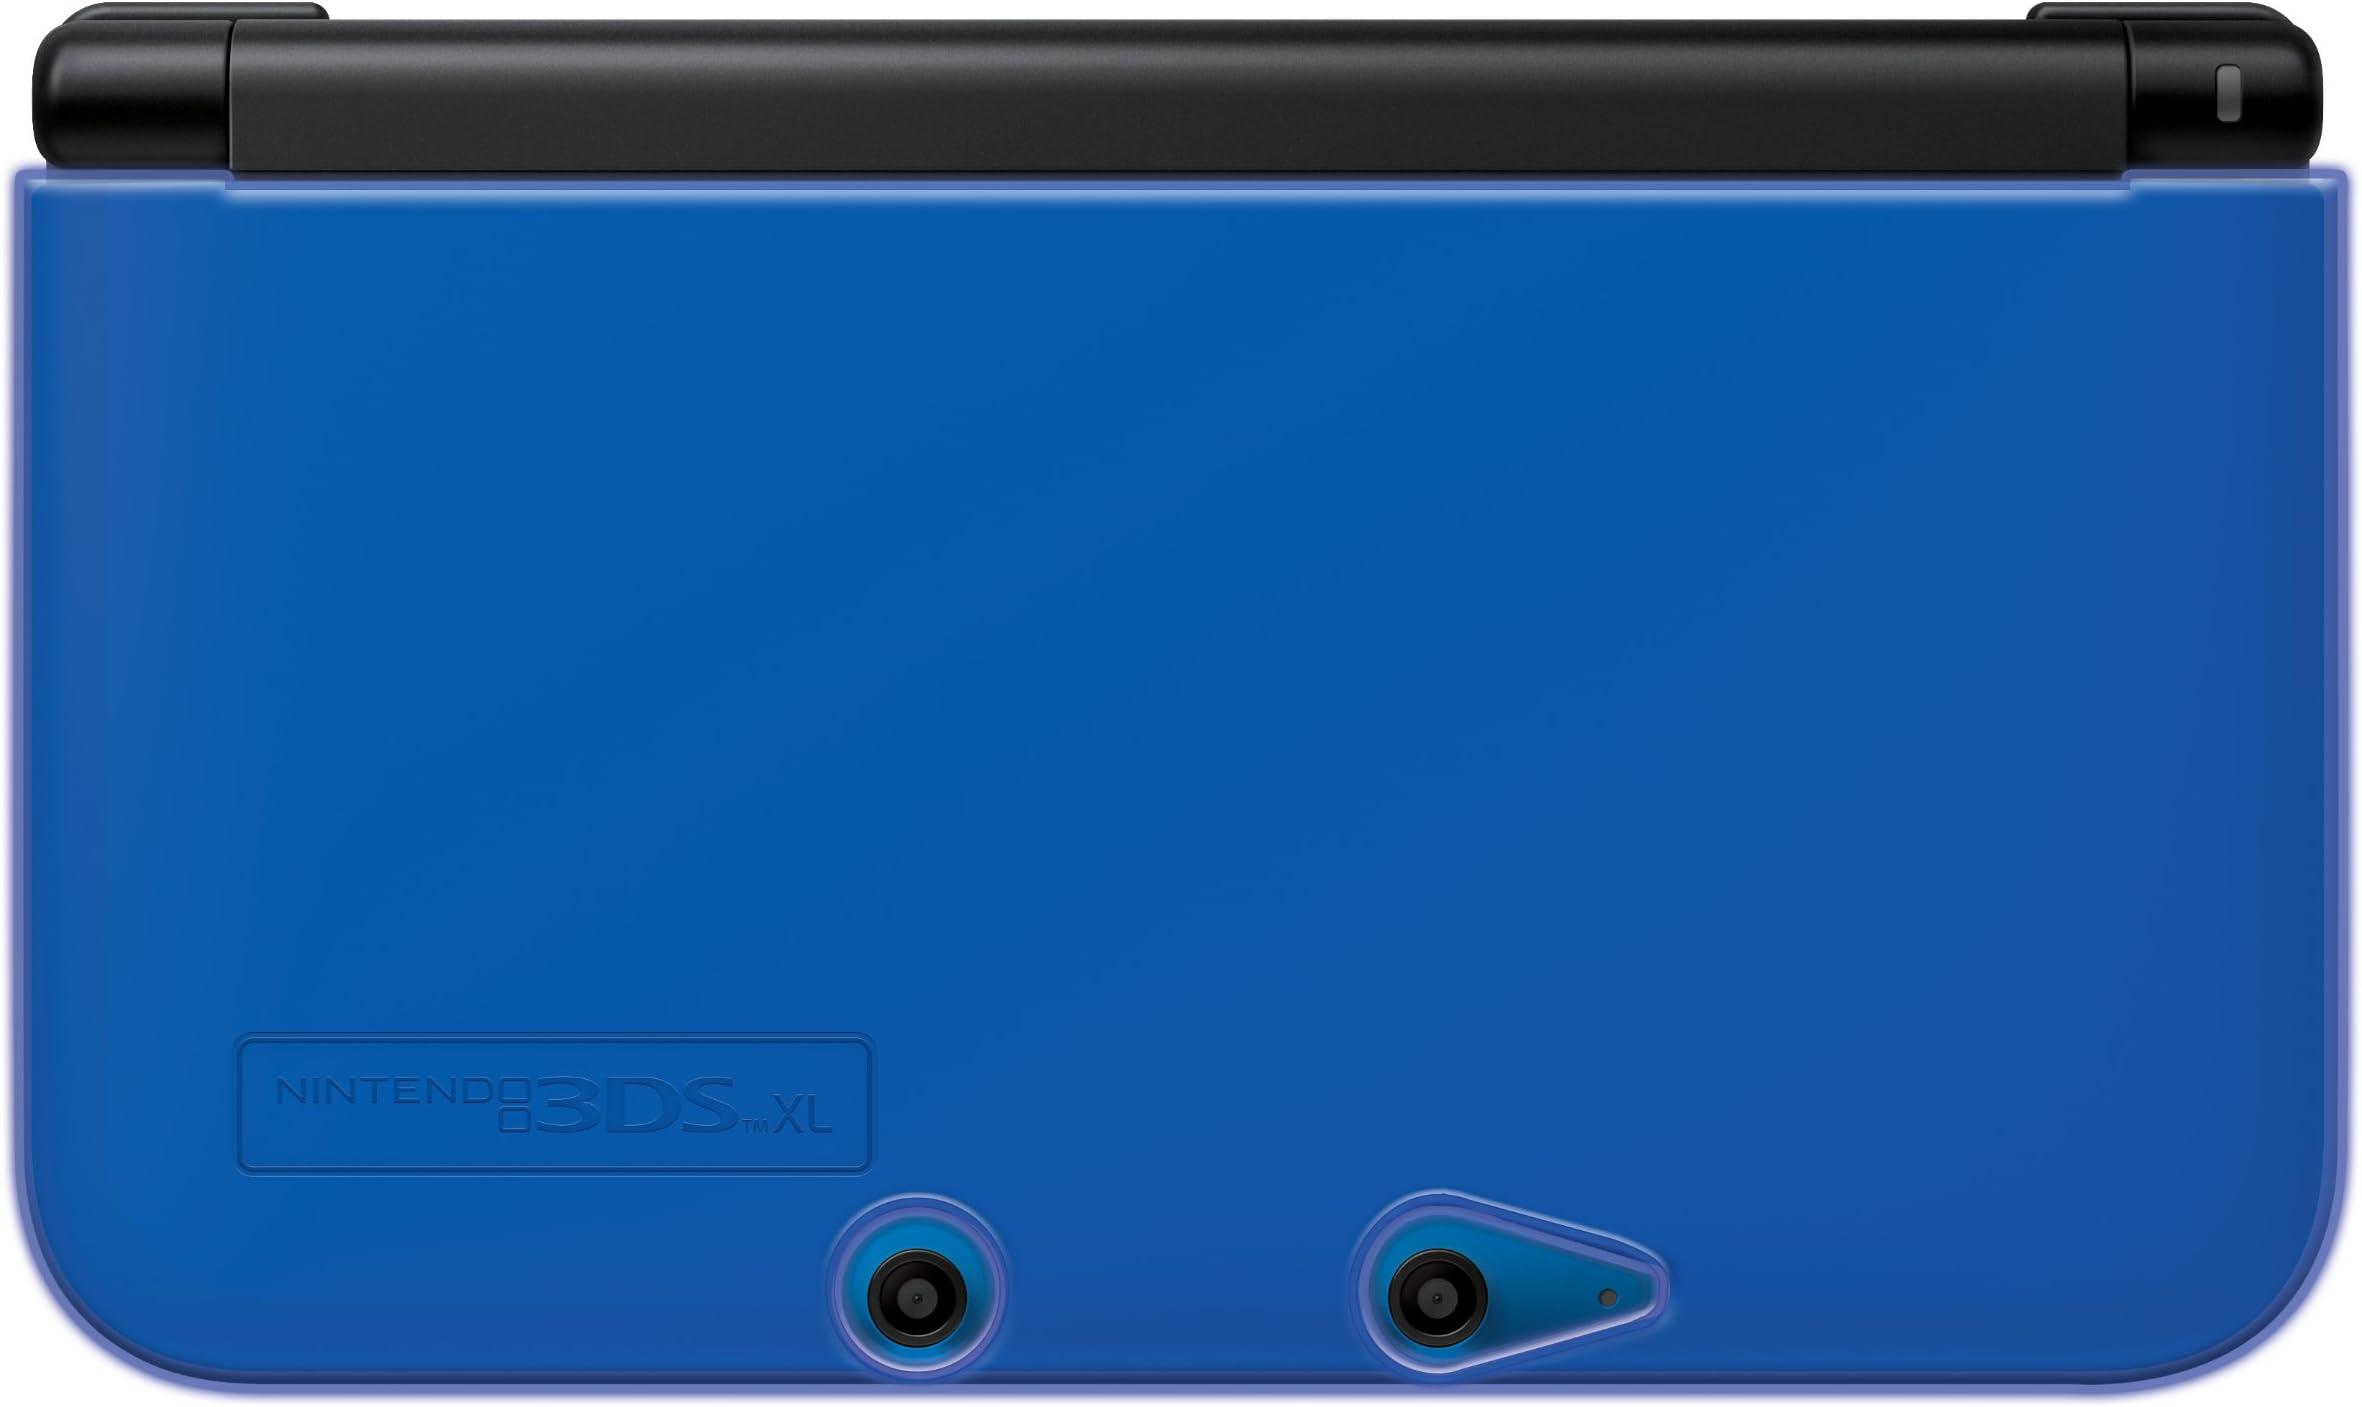 Amazon.com: Nintendo 3DS XL Duraflexi Protector - Blue ...